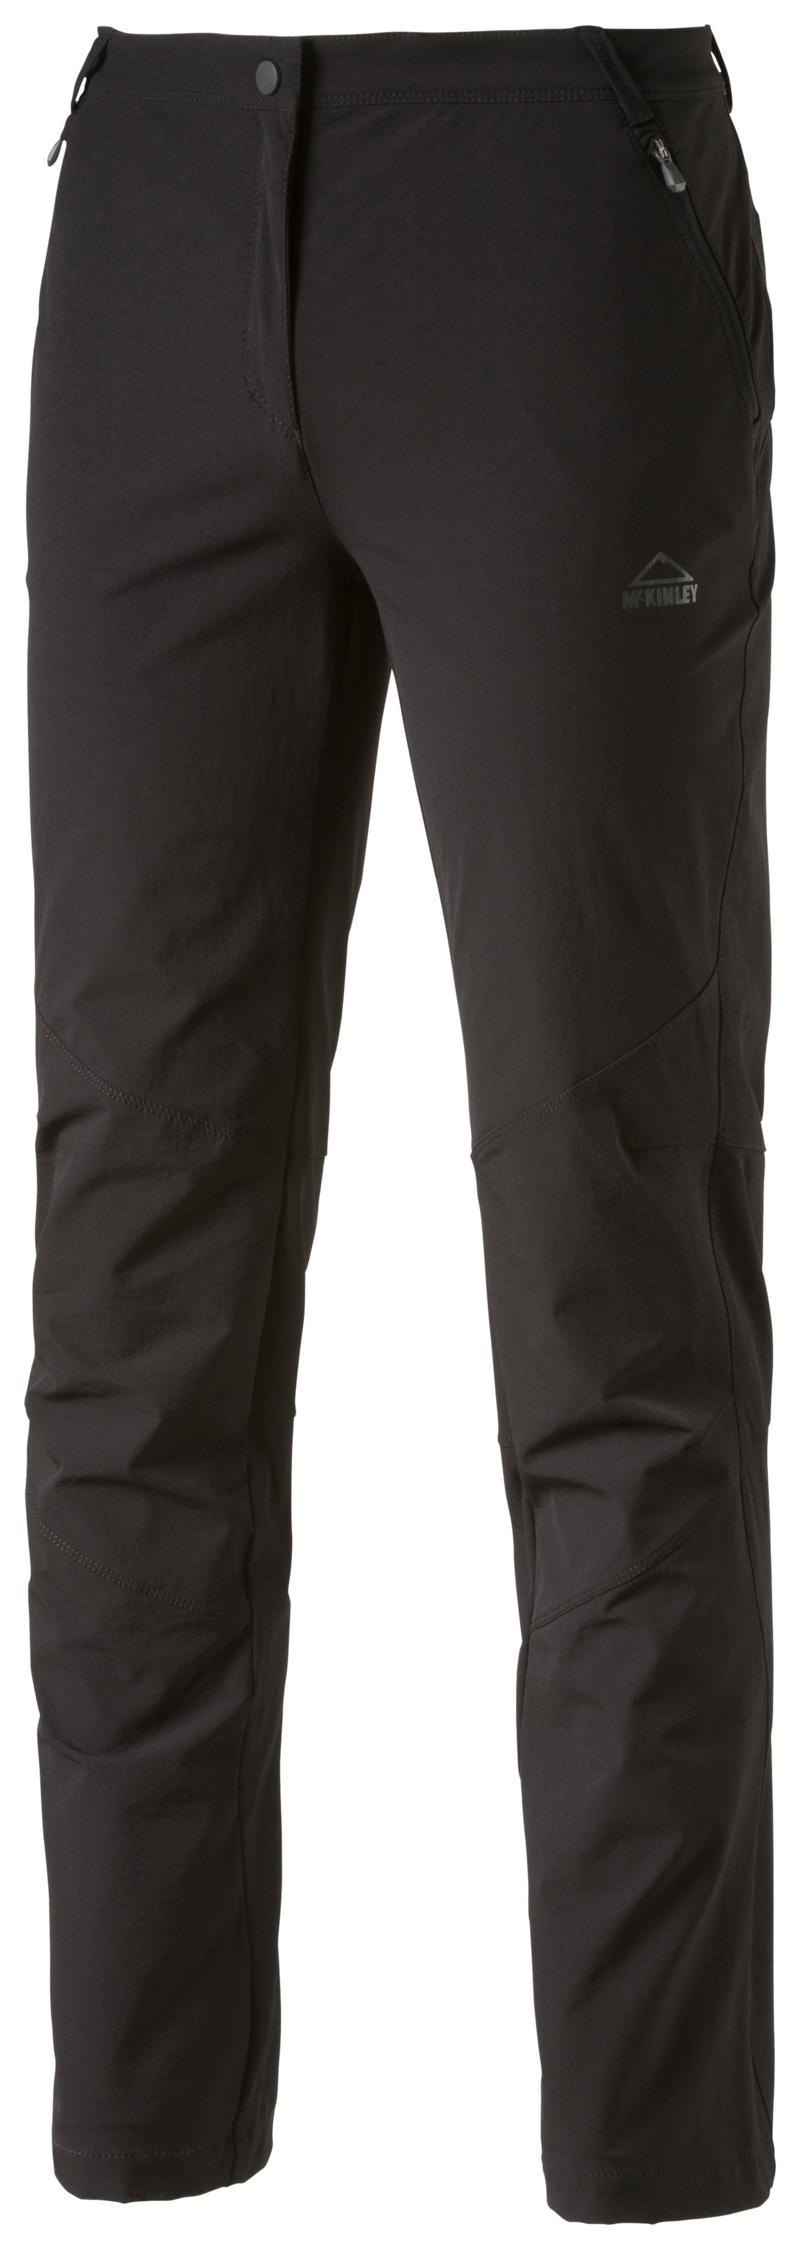 McKinley YUBA WMS, ženske pohodne hlače, črna